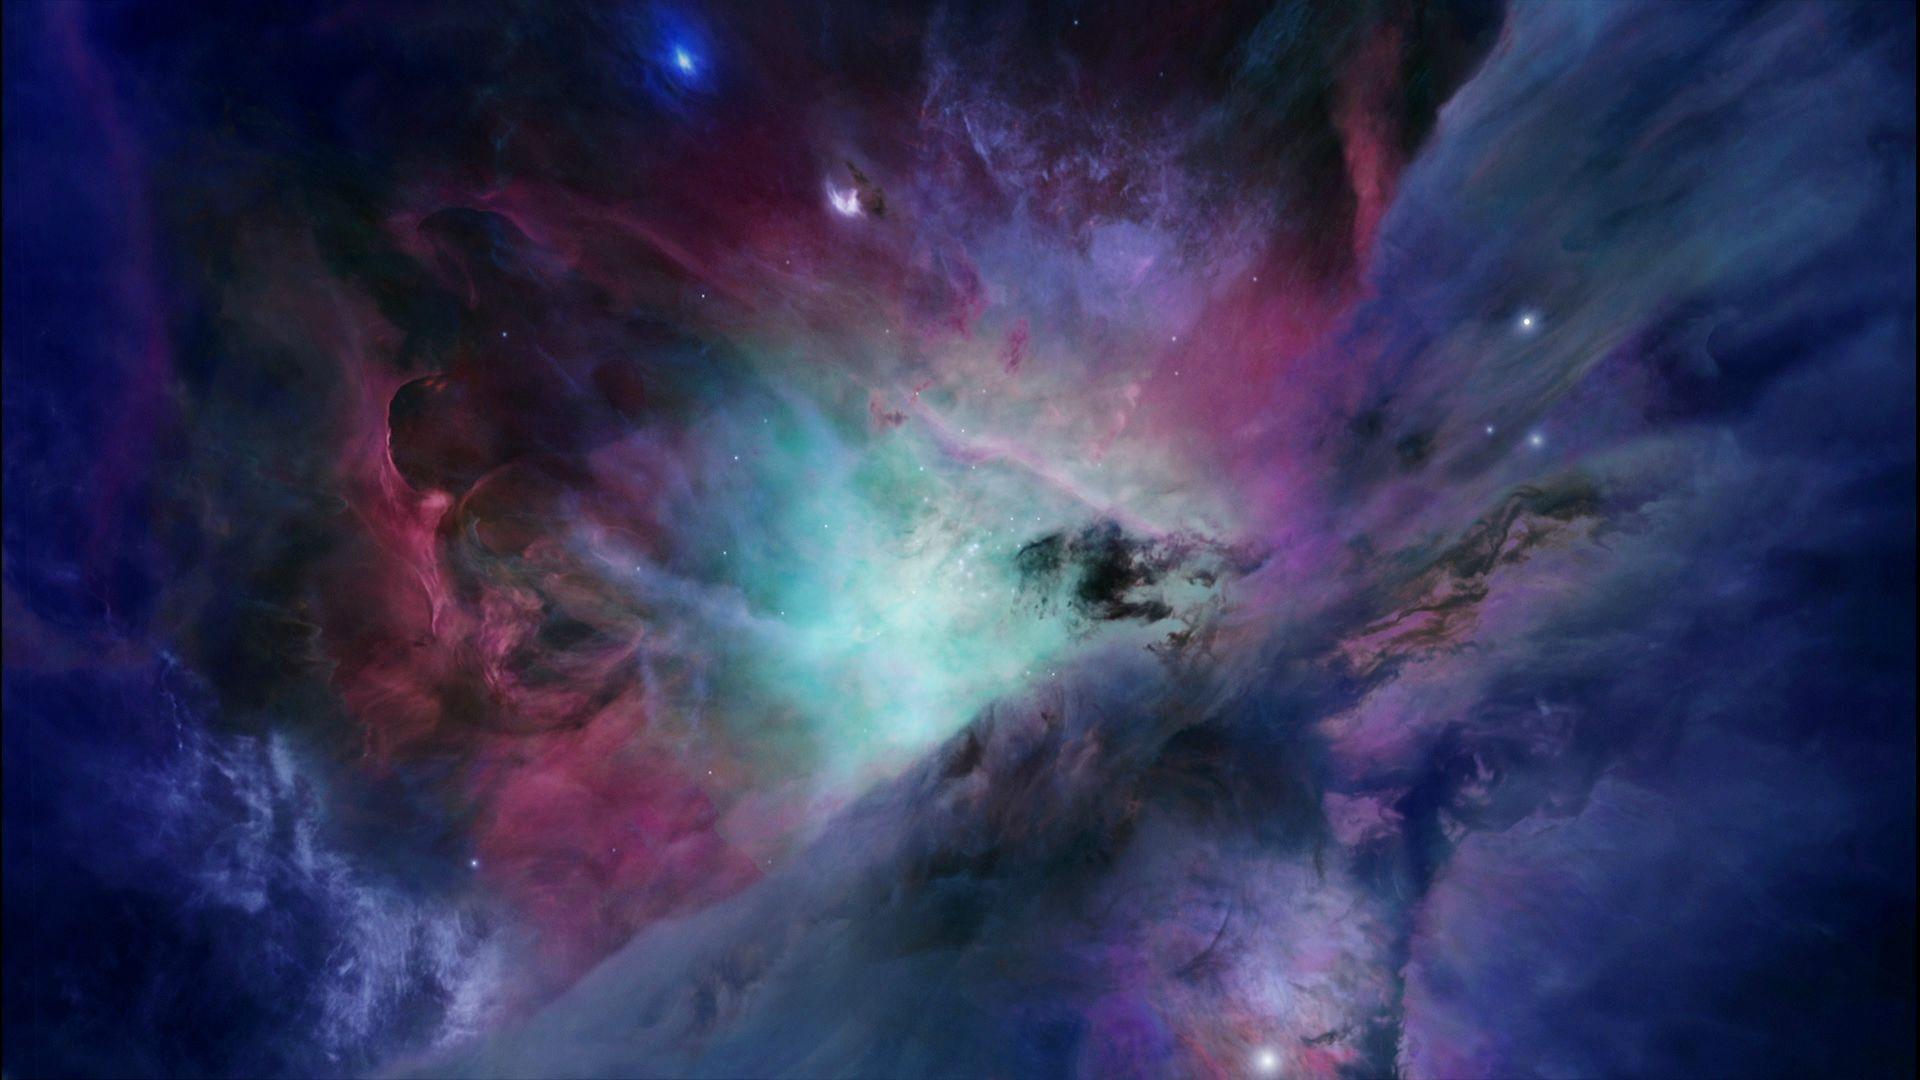 1920x1080 Nebula Full HD Wallpaper and Background Image